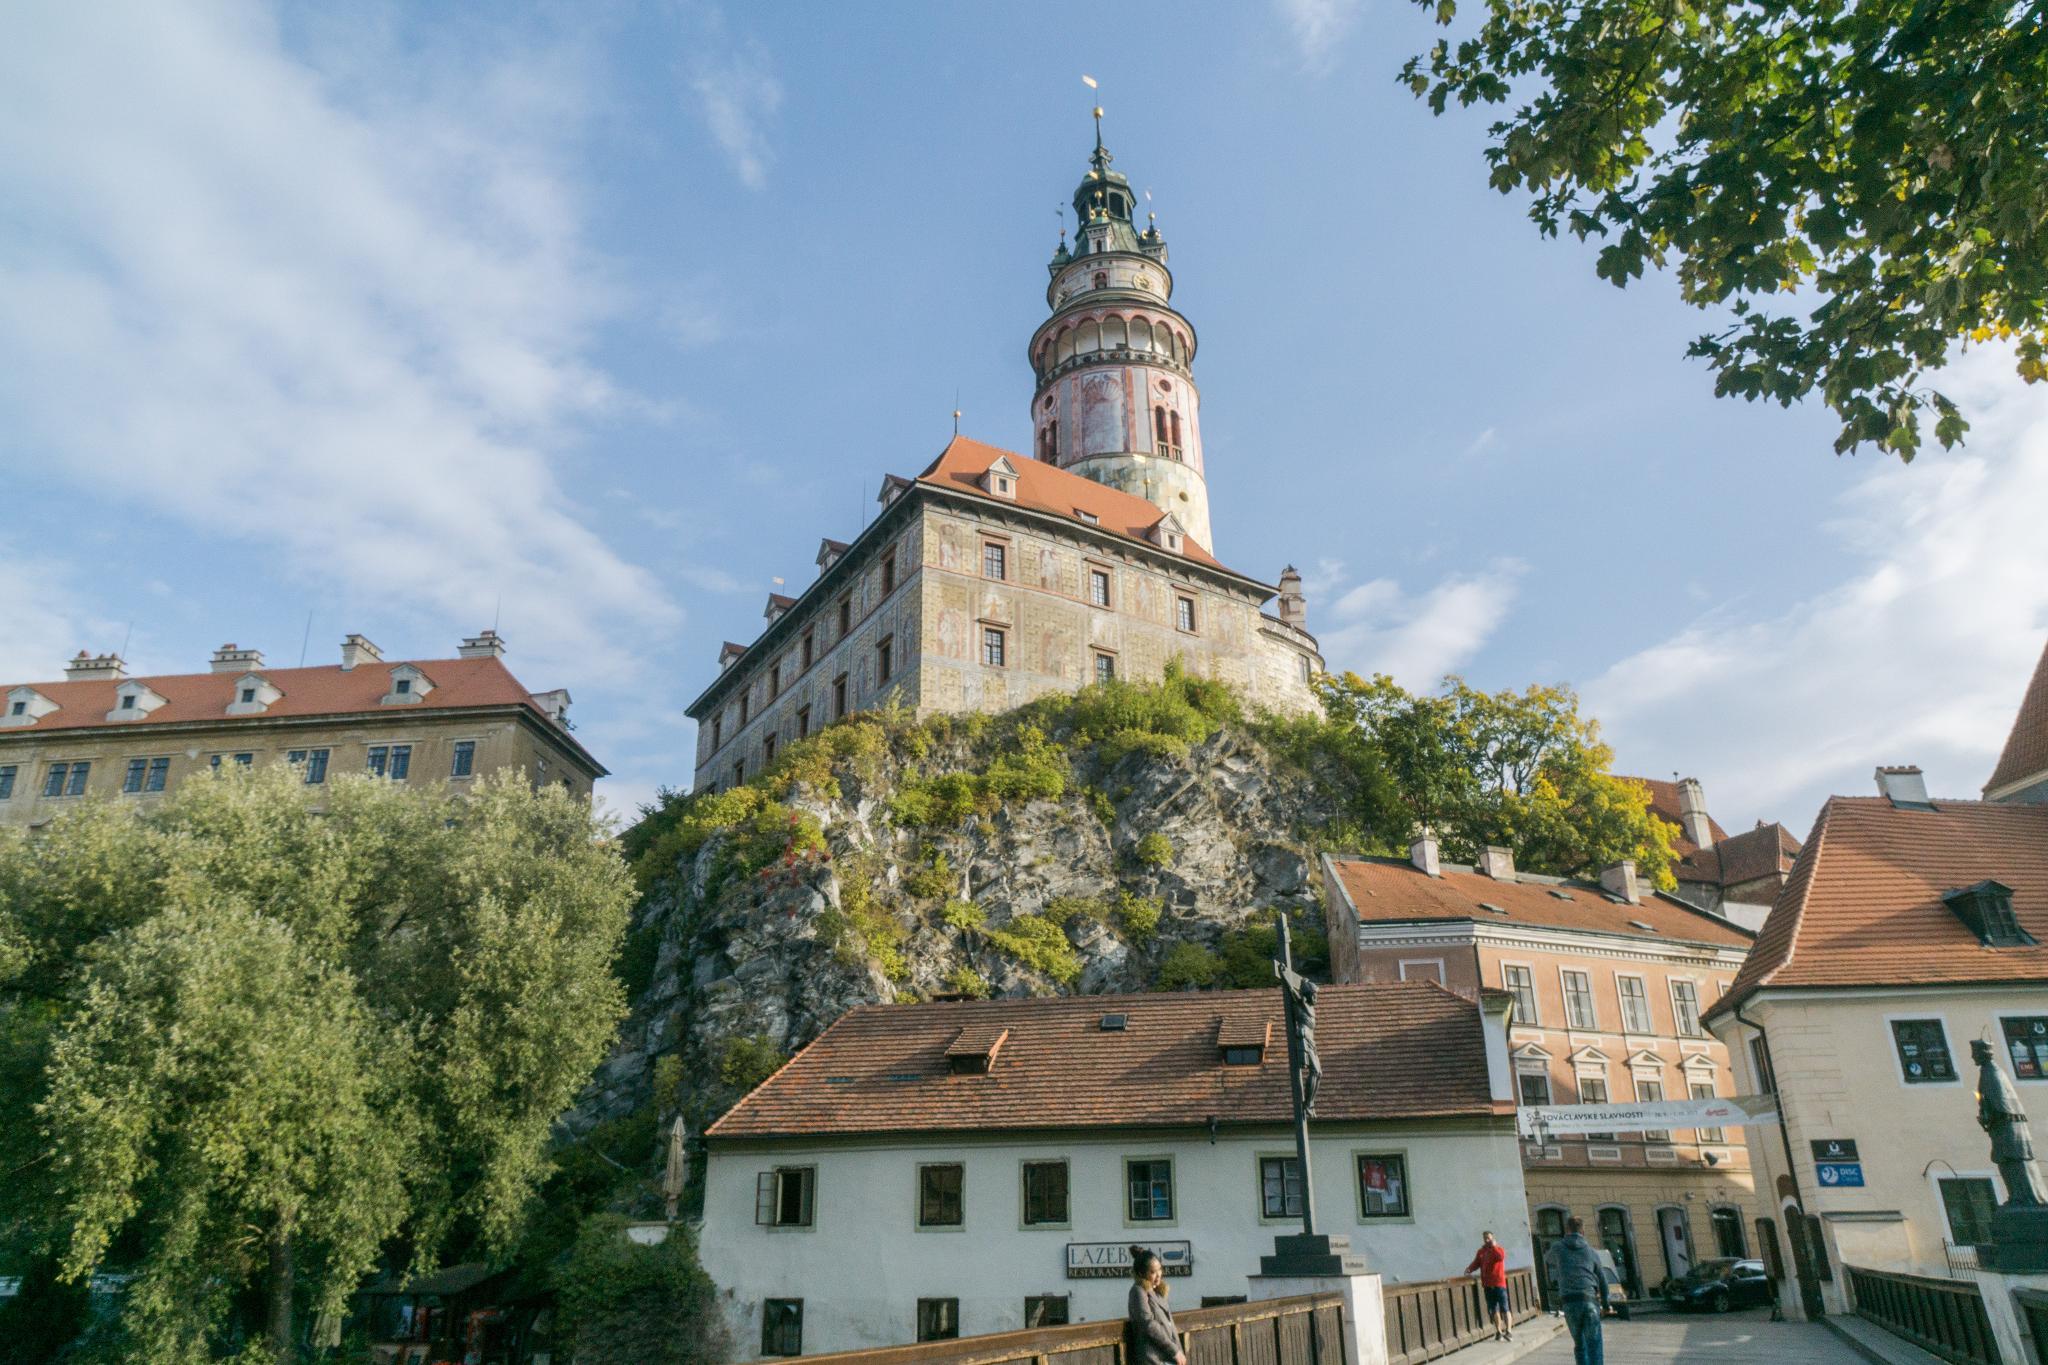 【捷克】Český Krumlov 庫倫諾夫 — 穿梭最美的中世紀童話小鎮 25